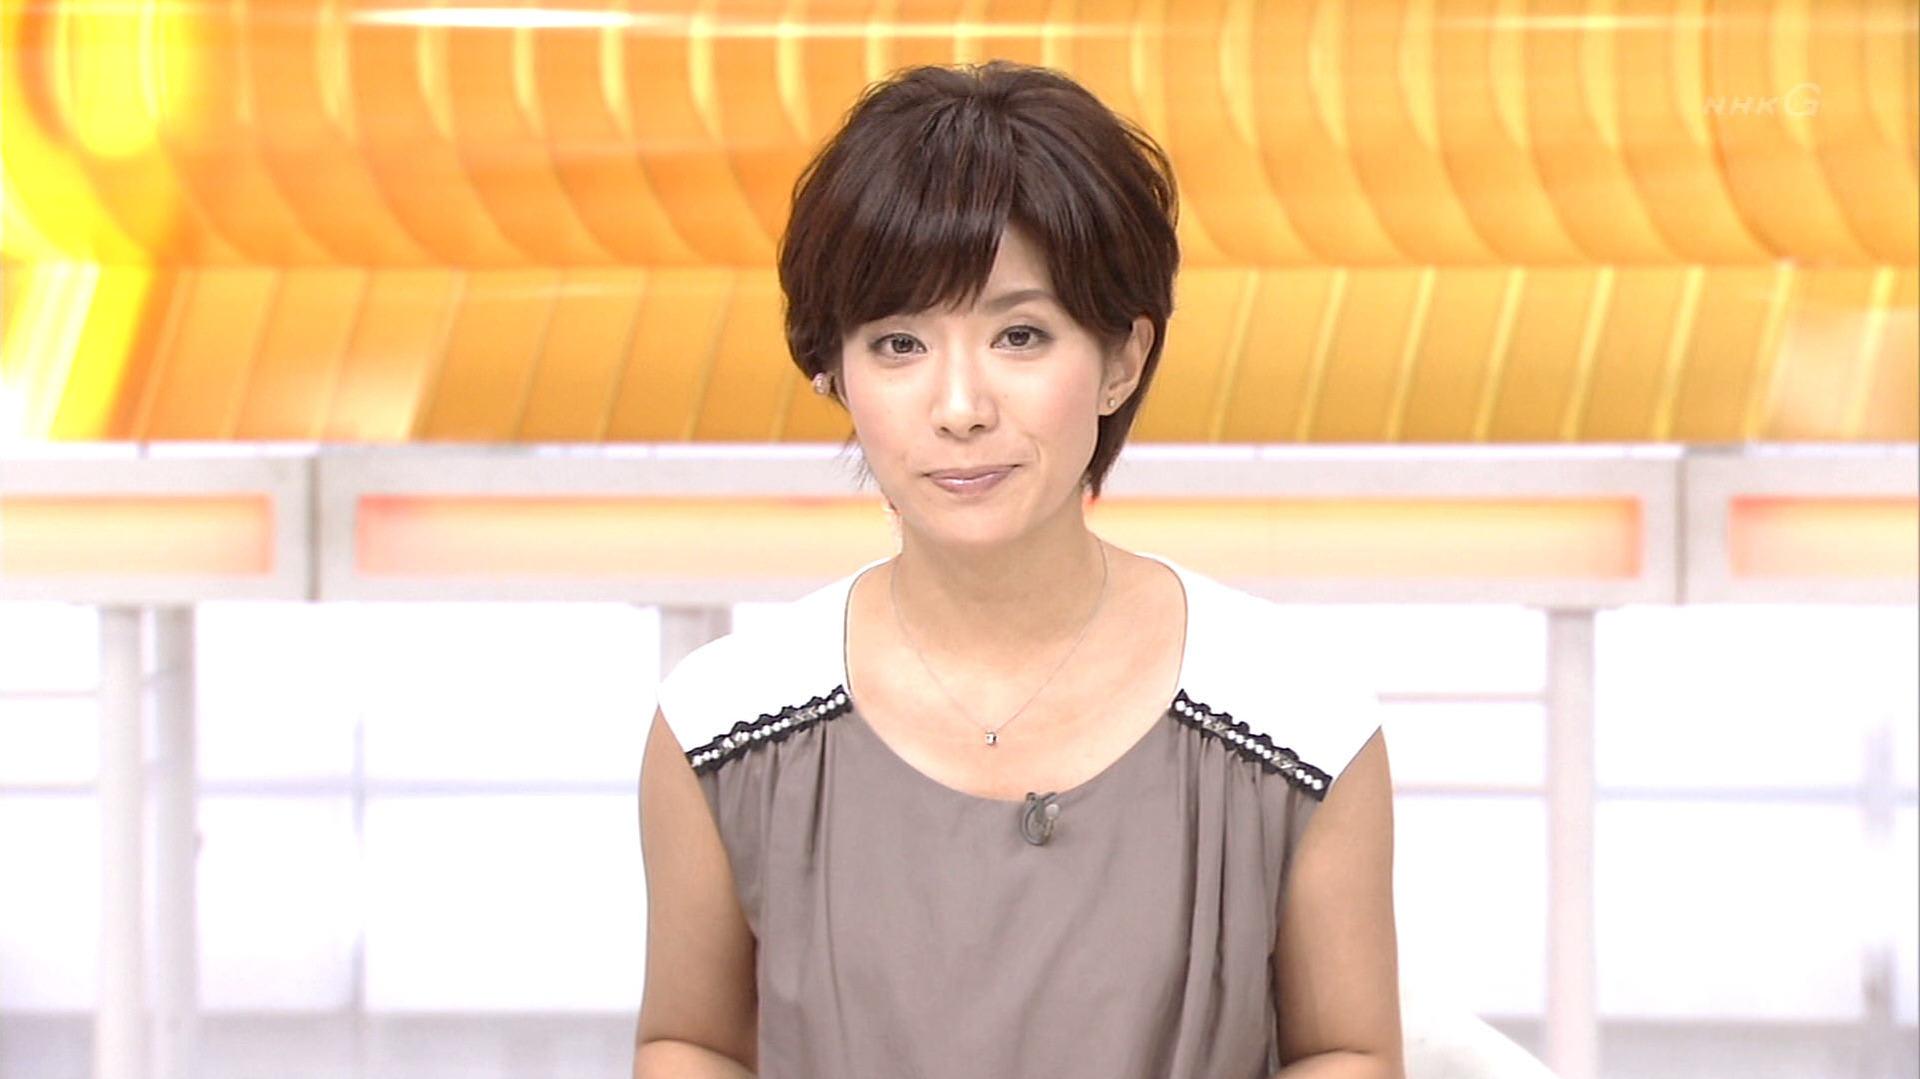 廣瀬 智美 31歳 , 美個体館 ~綺麗な女性、集めます~